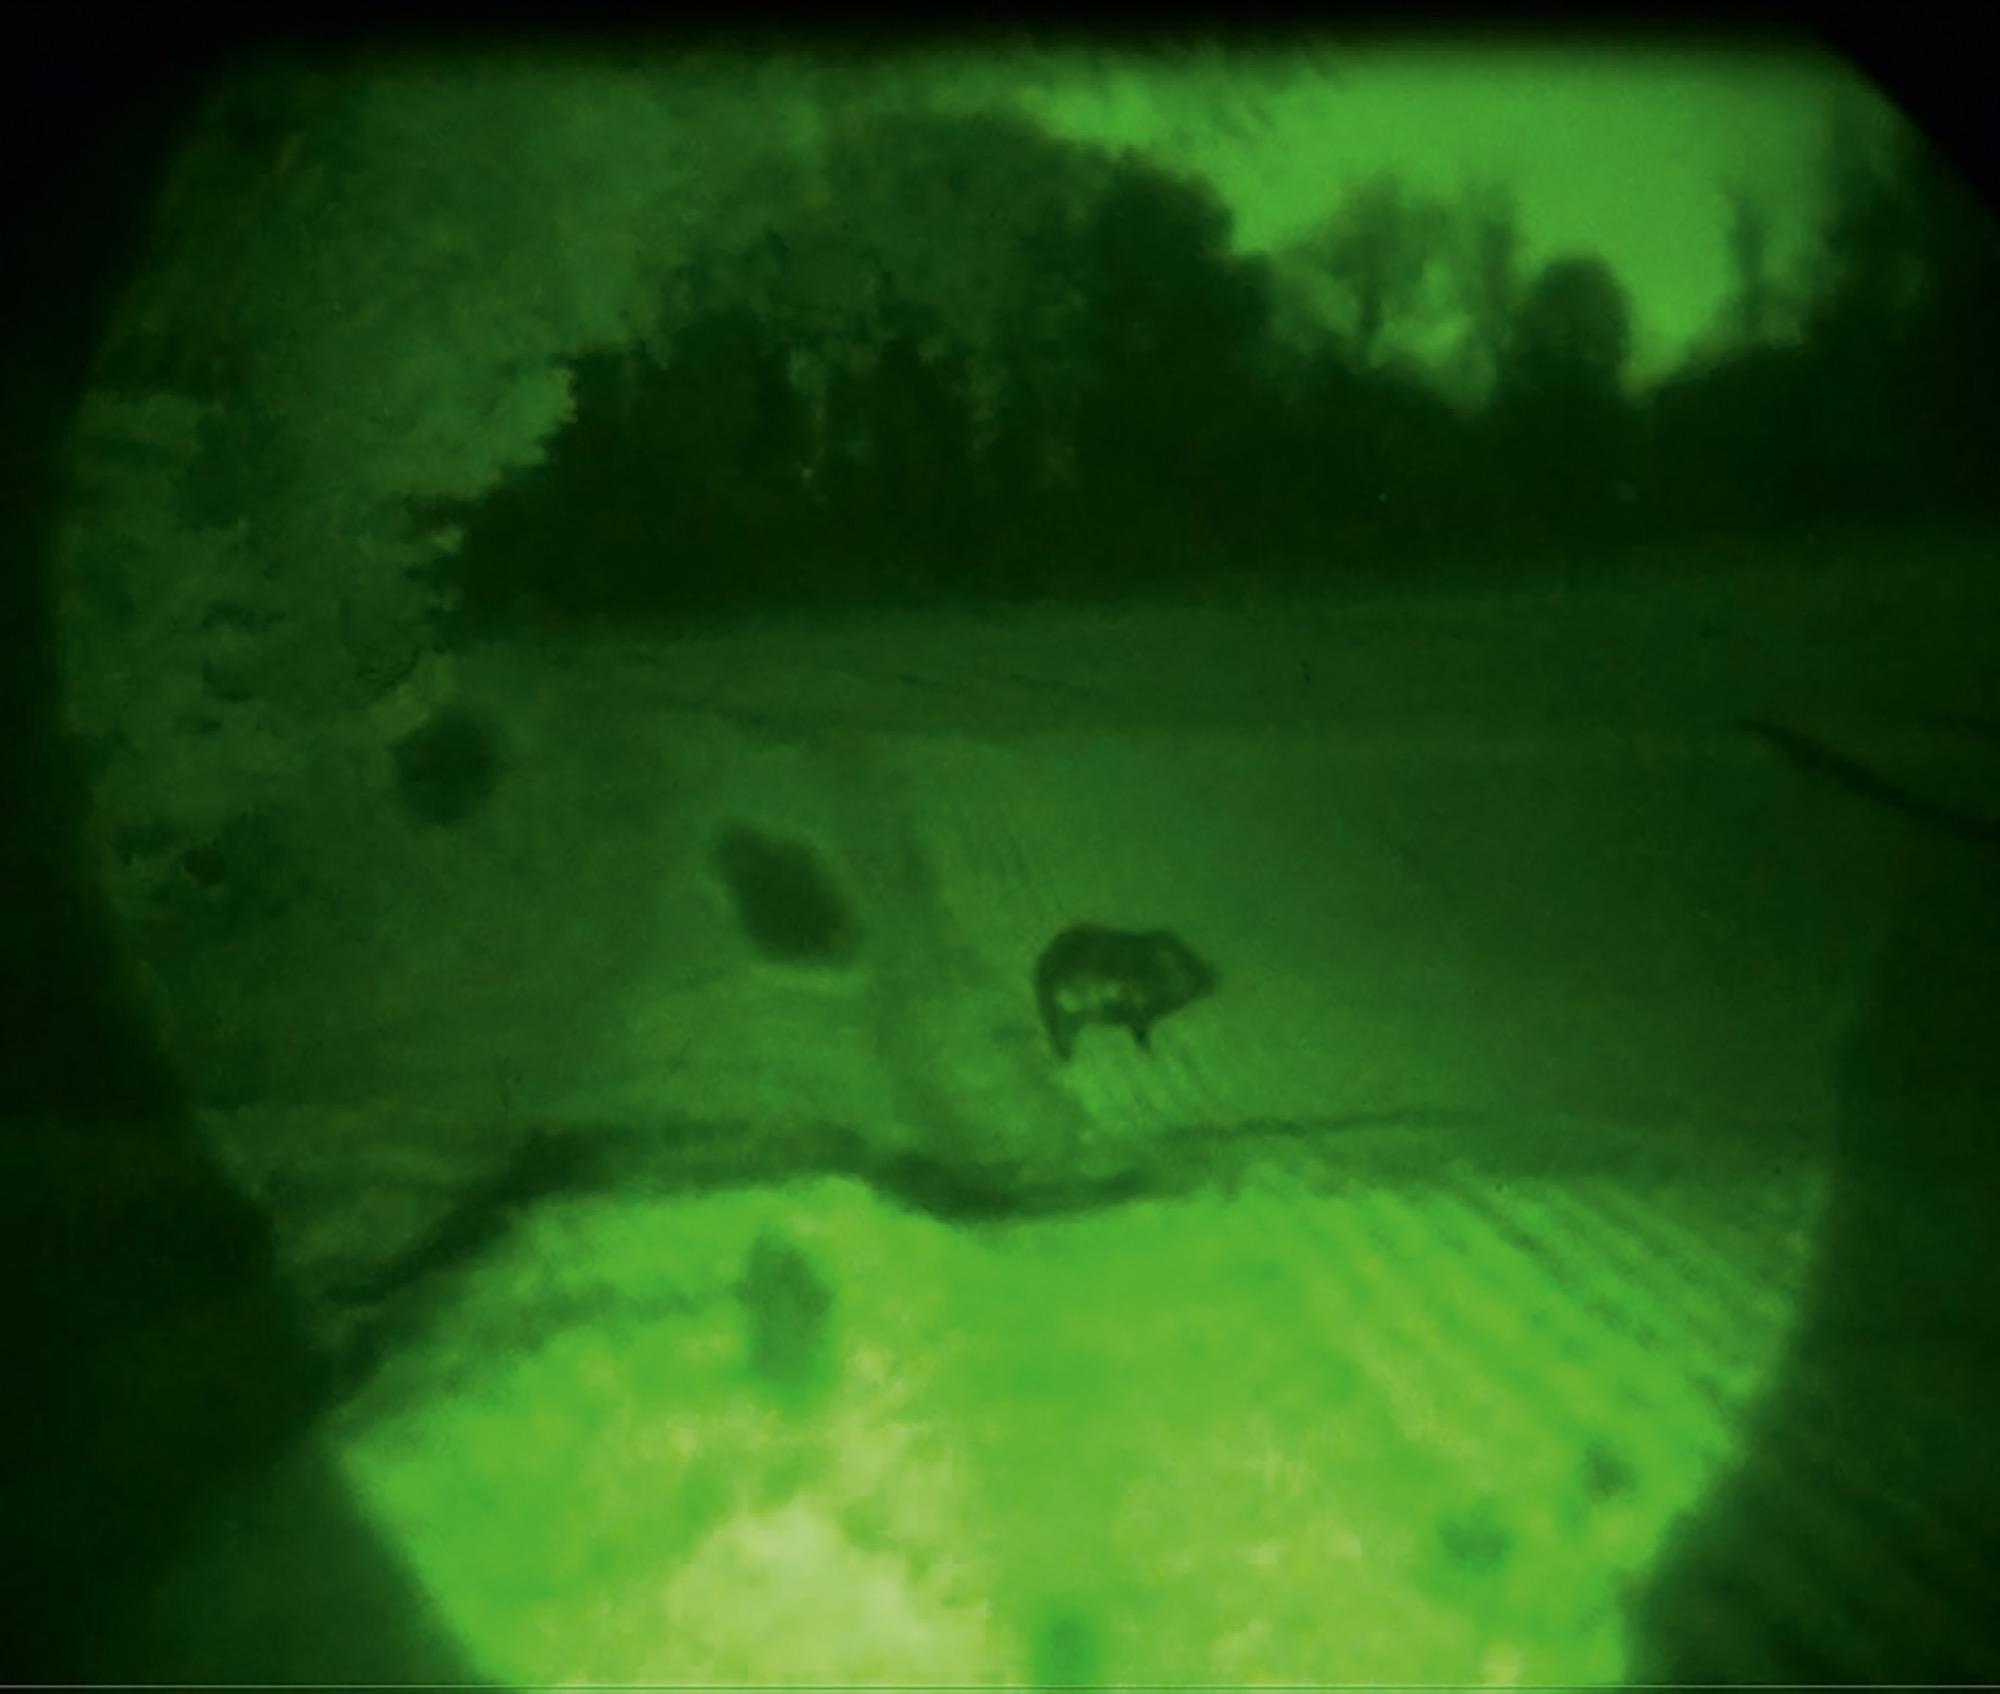 Nachtsichtgerät Jahnke Nachtsichtgeräte - Neue Technik für die Jagd